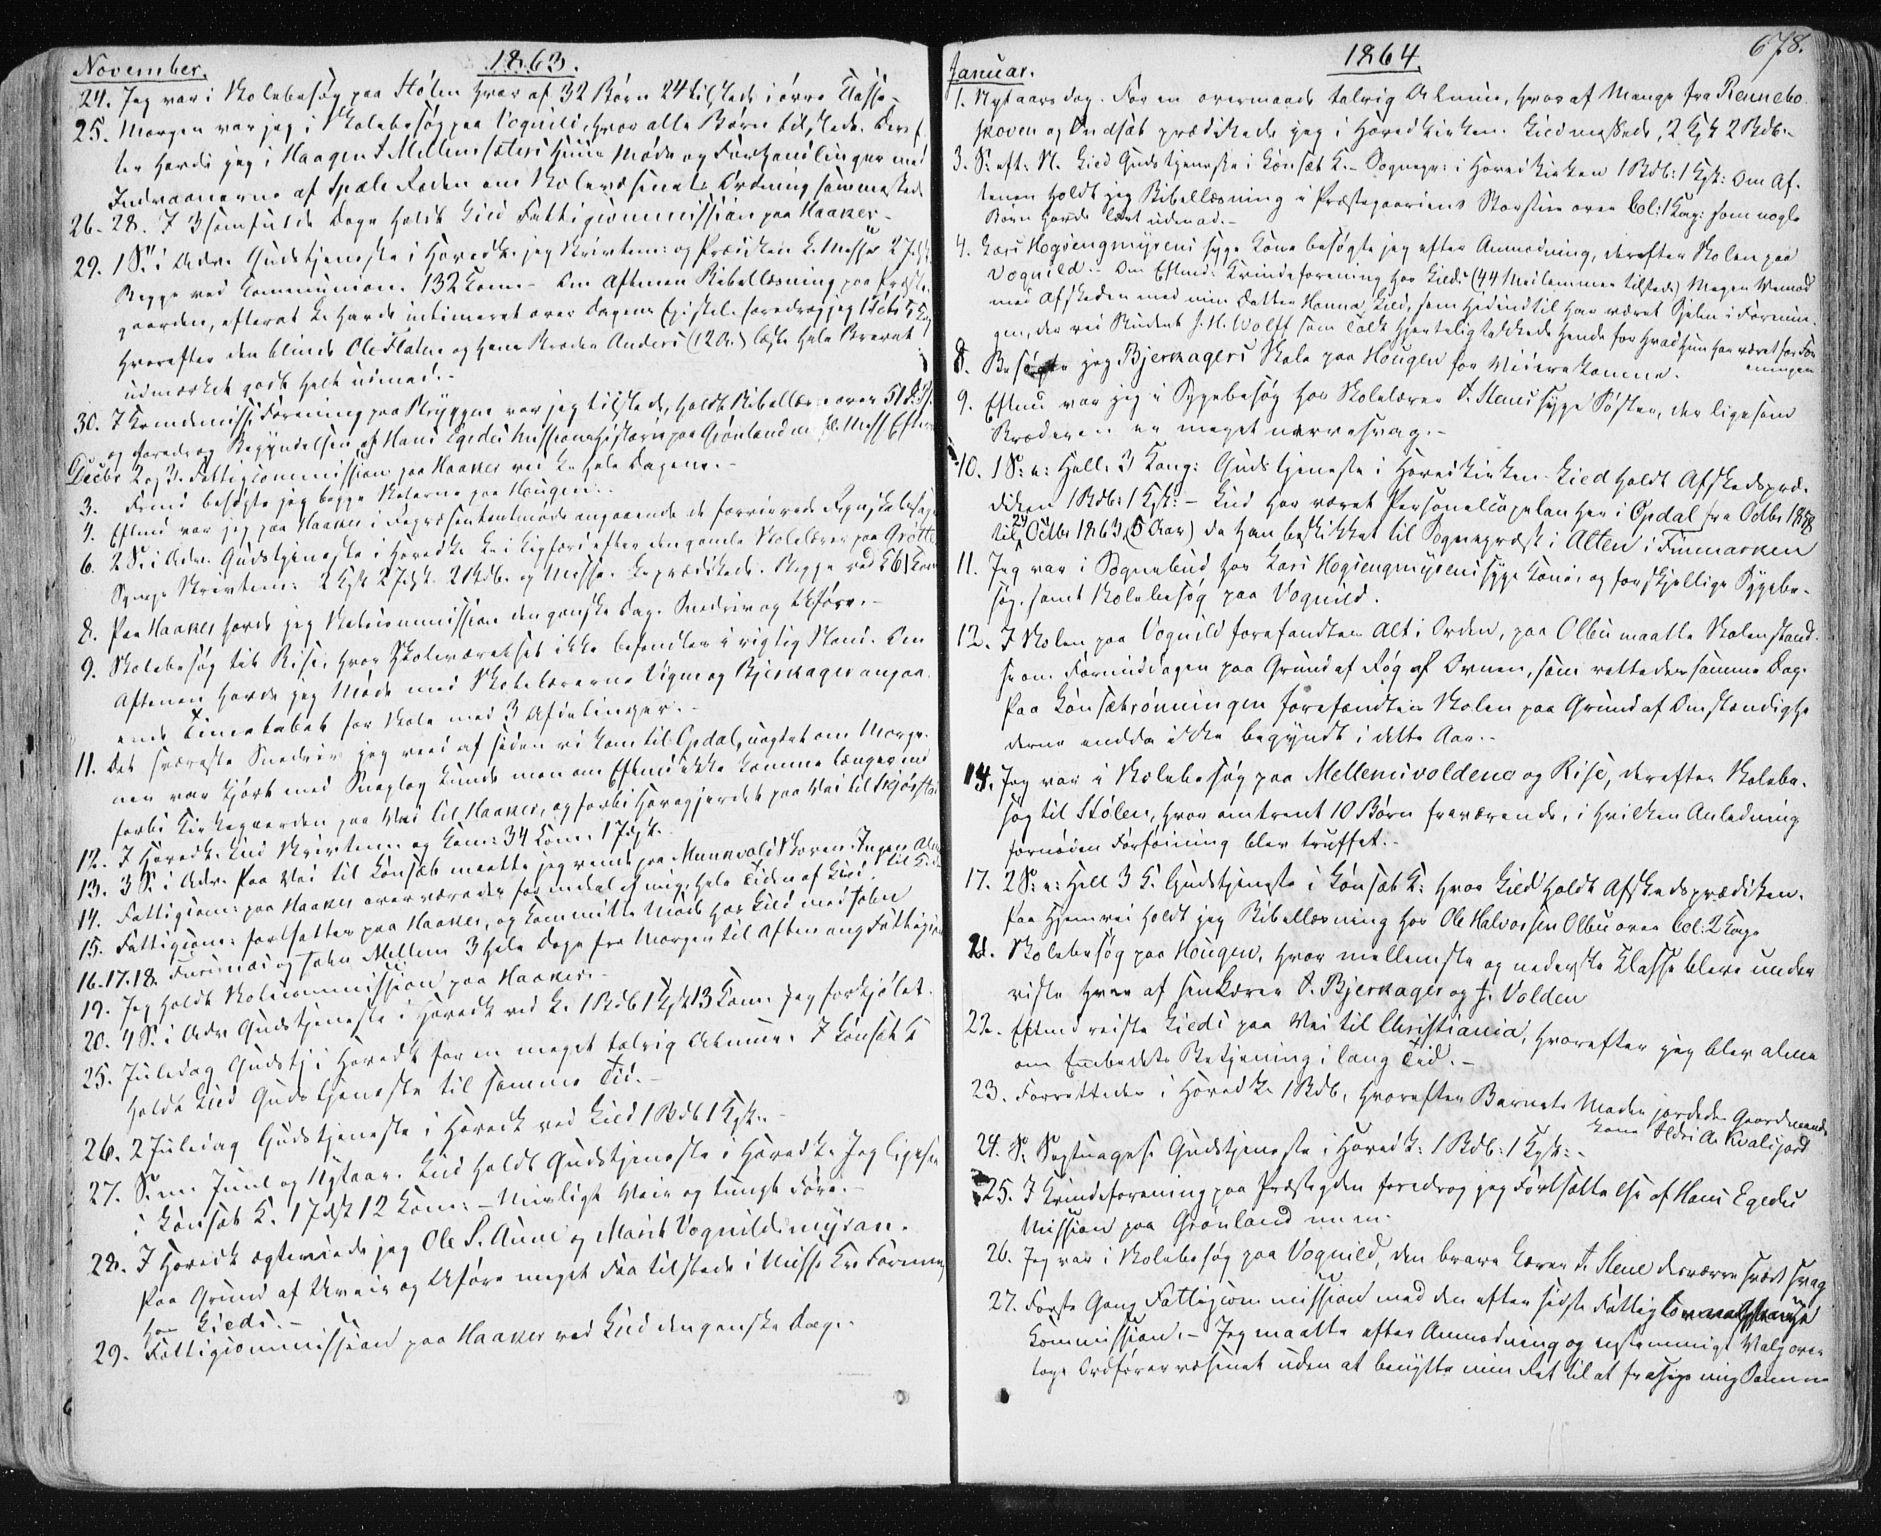 SAT, Ministerialprotokoller, klokkerbøker og fødselsregistre - Sør-Trøndelag, 678/L0899: Ministerialbok nr. 678A08, 1848-1872, s. 678